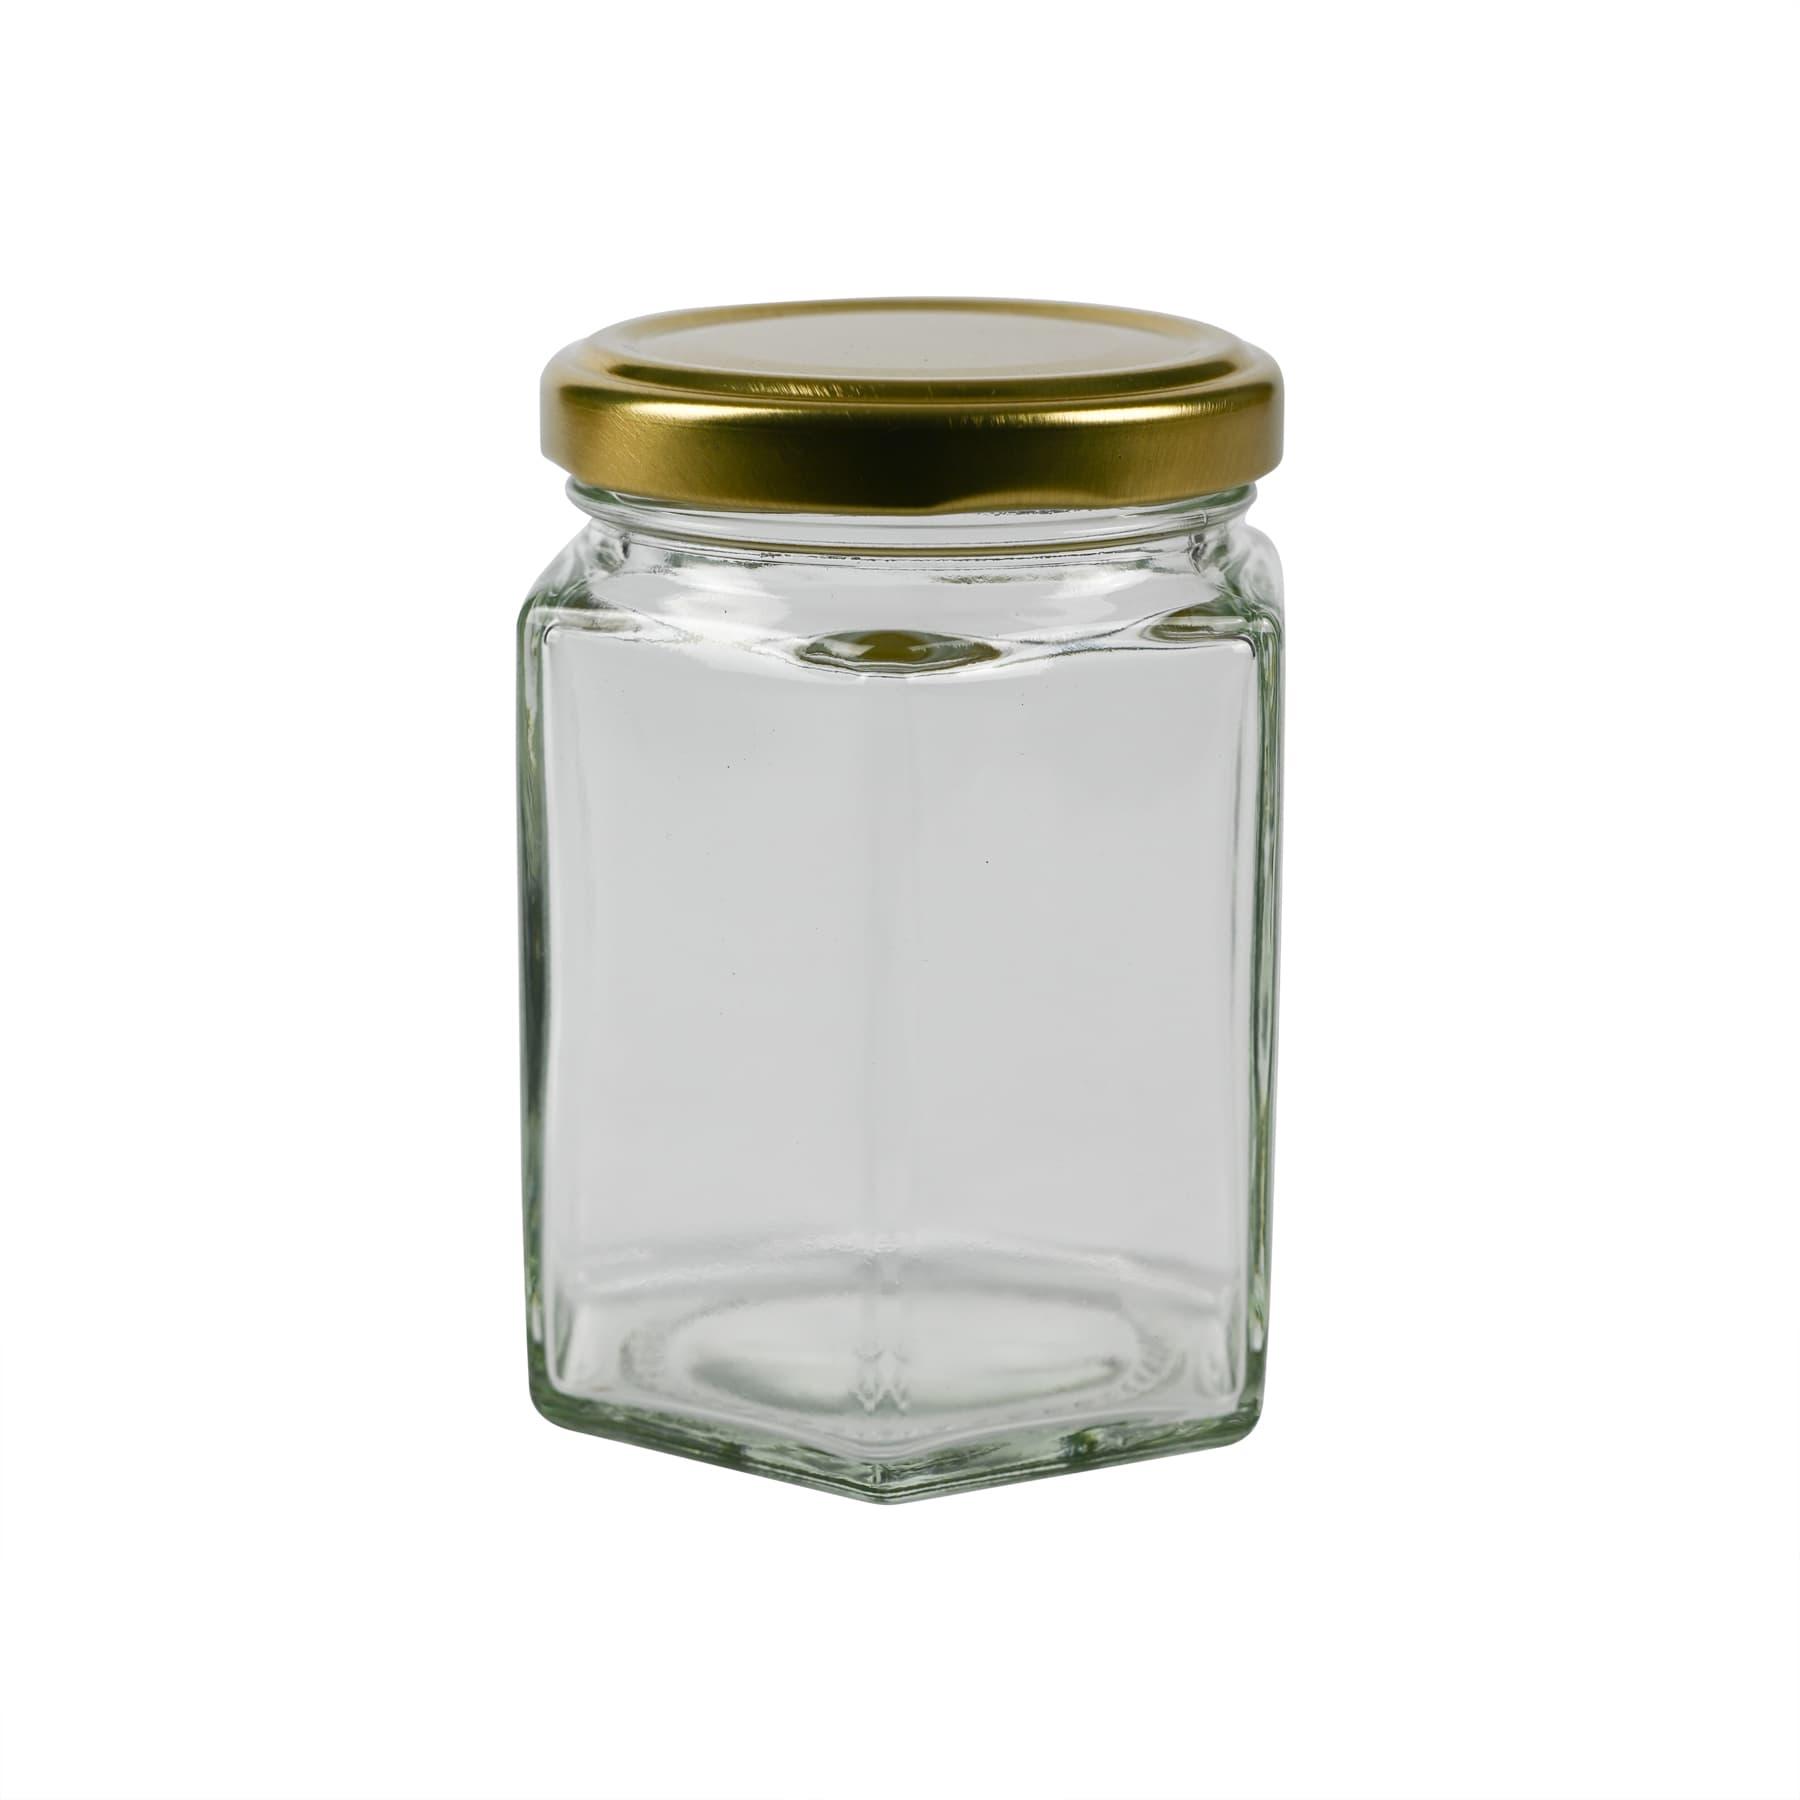 Sechseckglas 250 g (191 ml), mit Twist Off Metalldeckel To gold 58